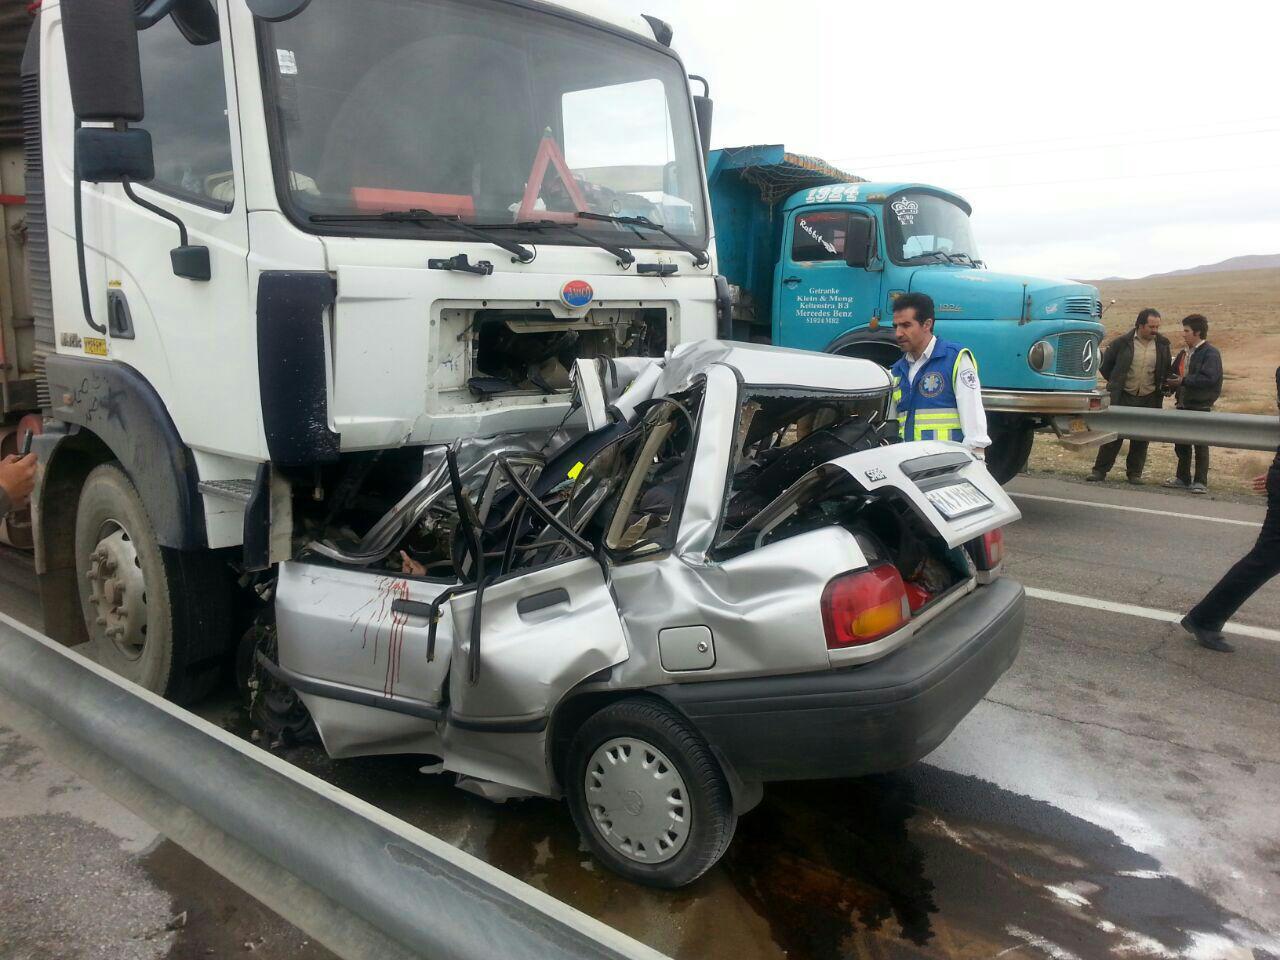 برخورد مرگبار پراید و کامیون + عکس (18+)